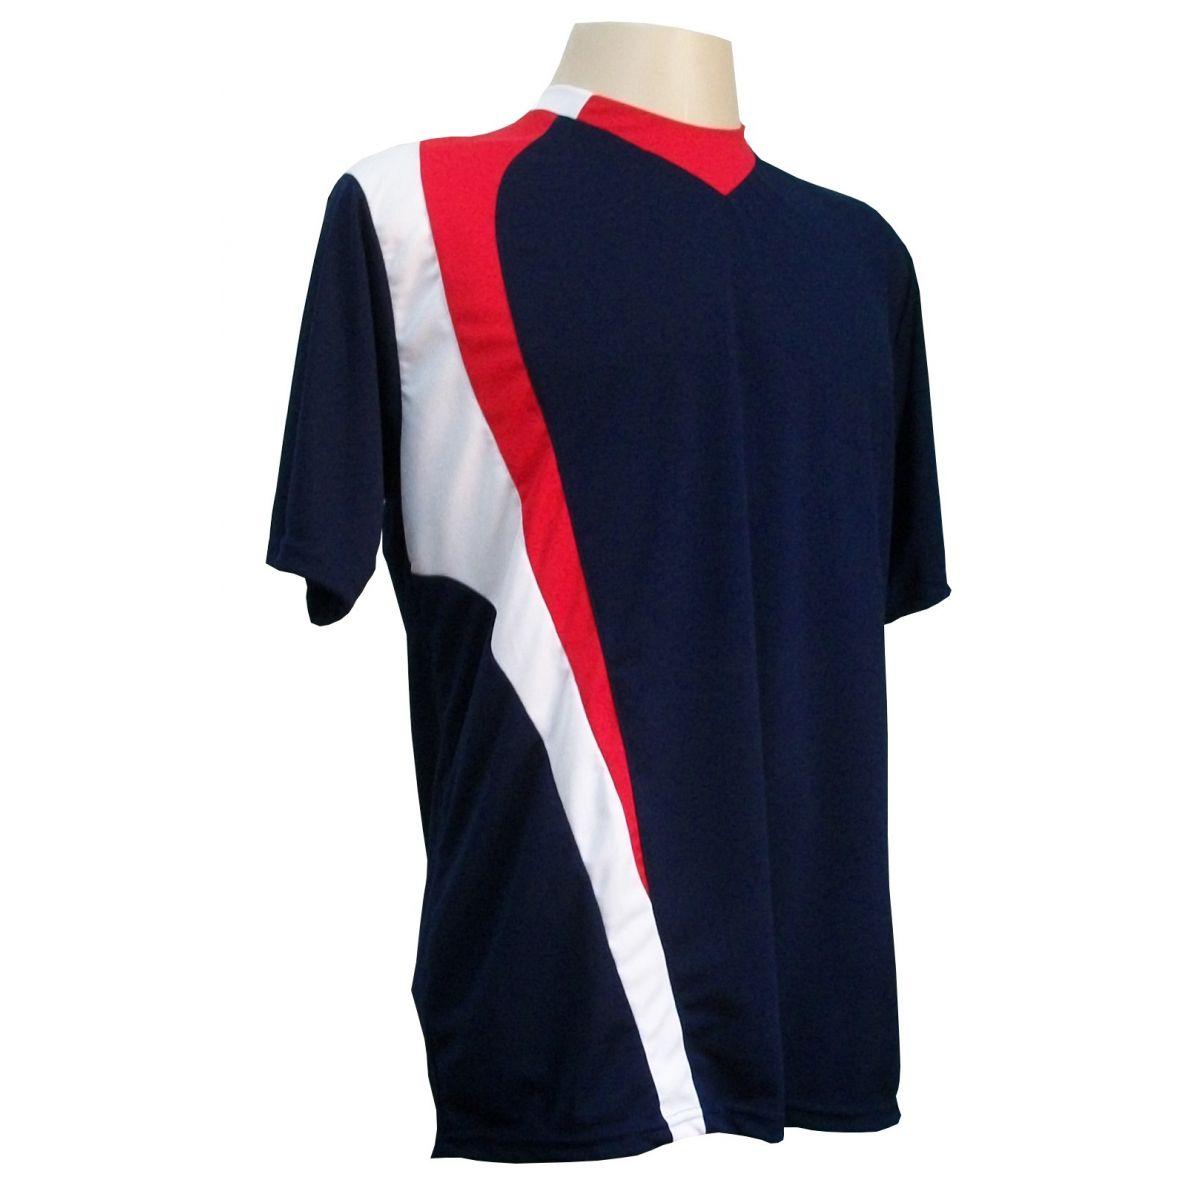 Jogo de Camisa com 14 unidades modelo PSG Marinho/Vermelho/Branco + 1 Goleiro + Brindes